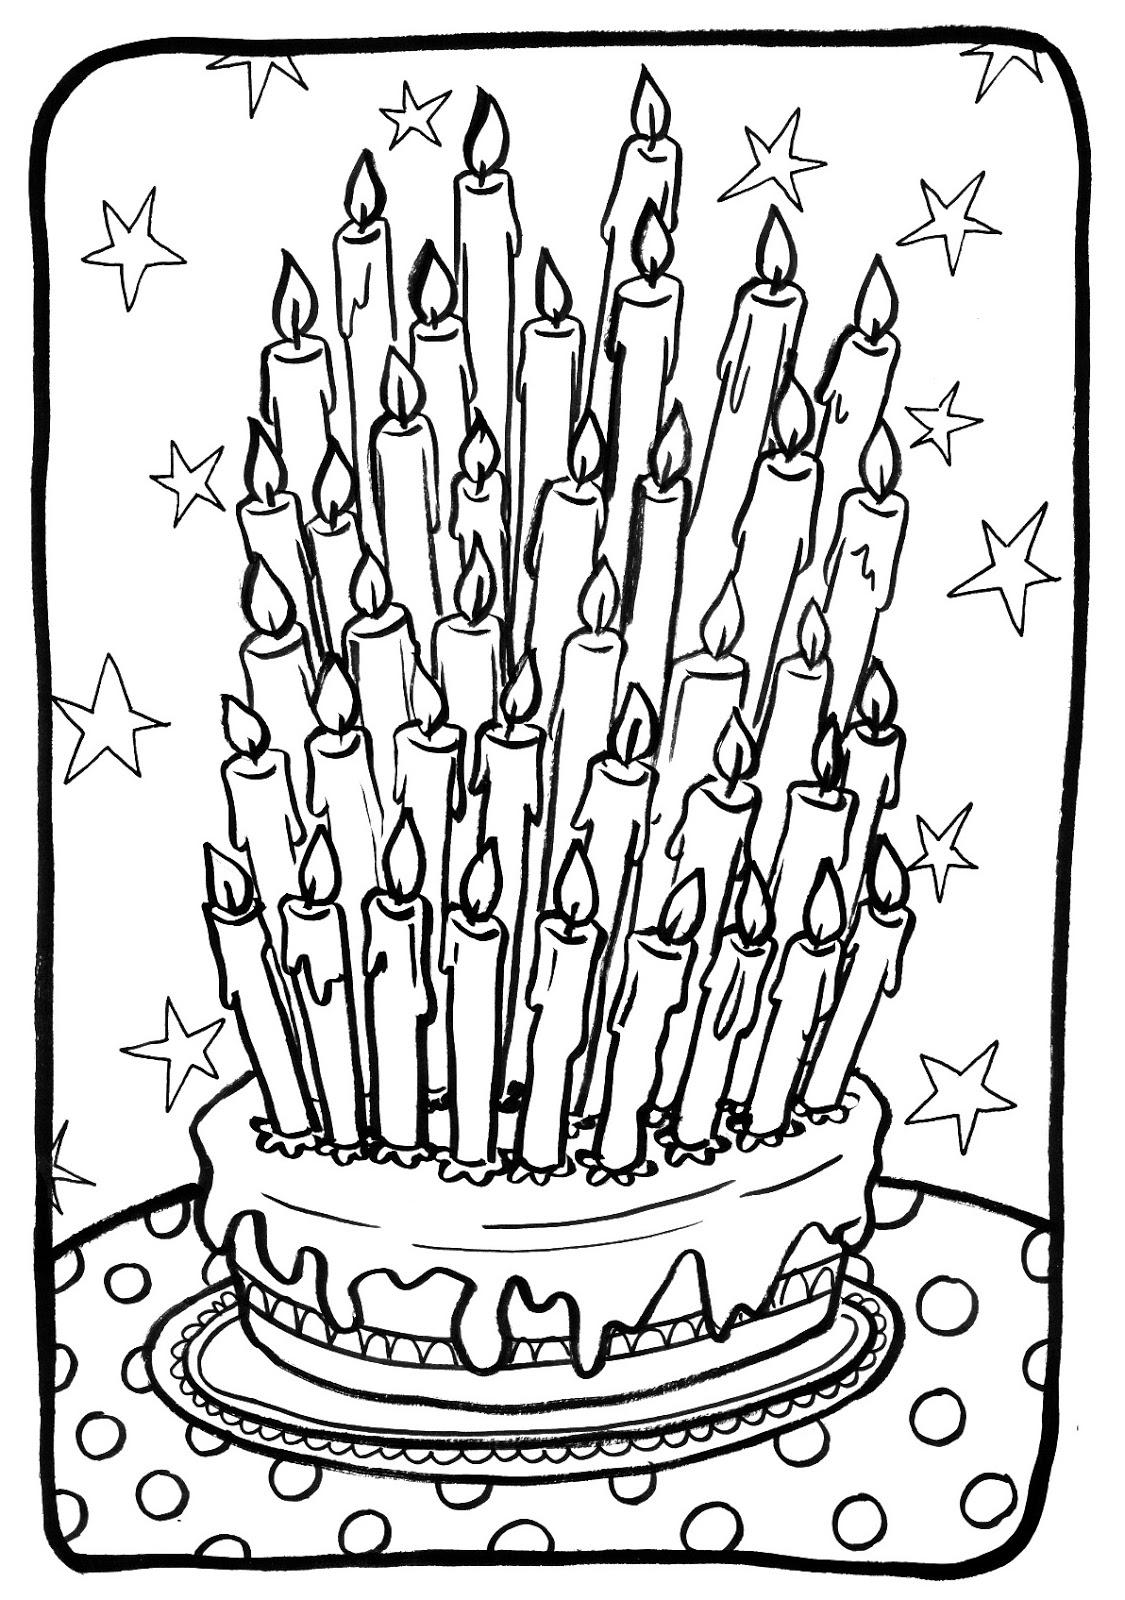 20 dessins de coloriage gateau anniversaire imprimer - Dessin gateau anniversaire 50 ans ...